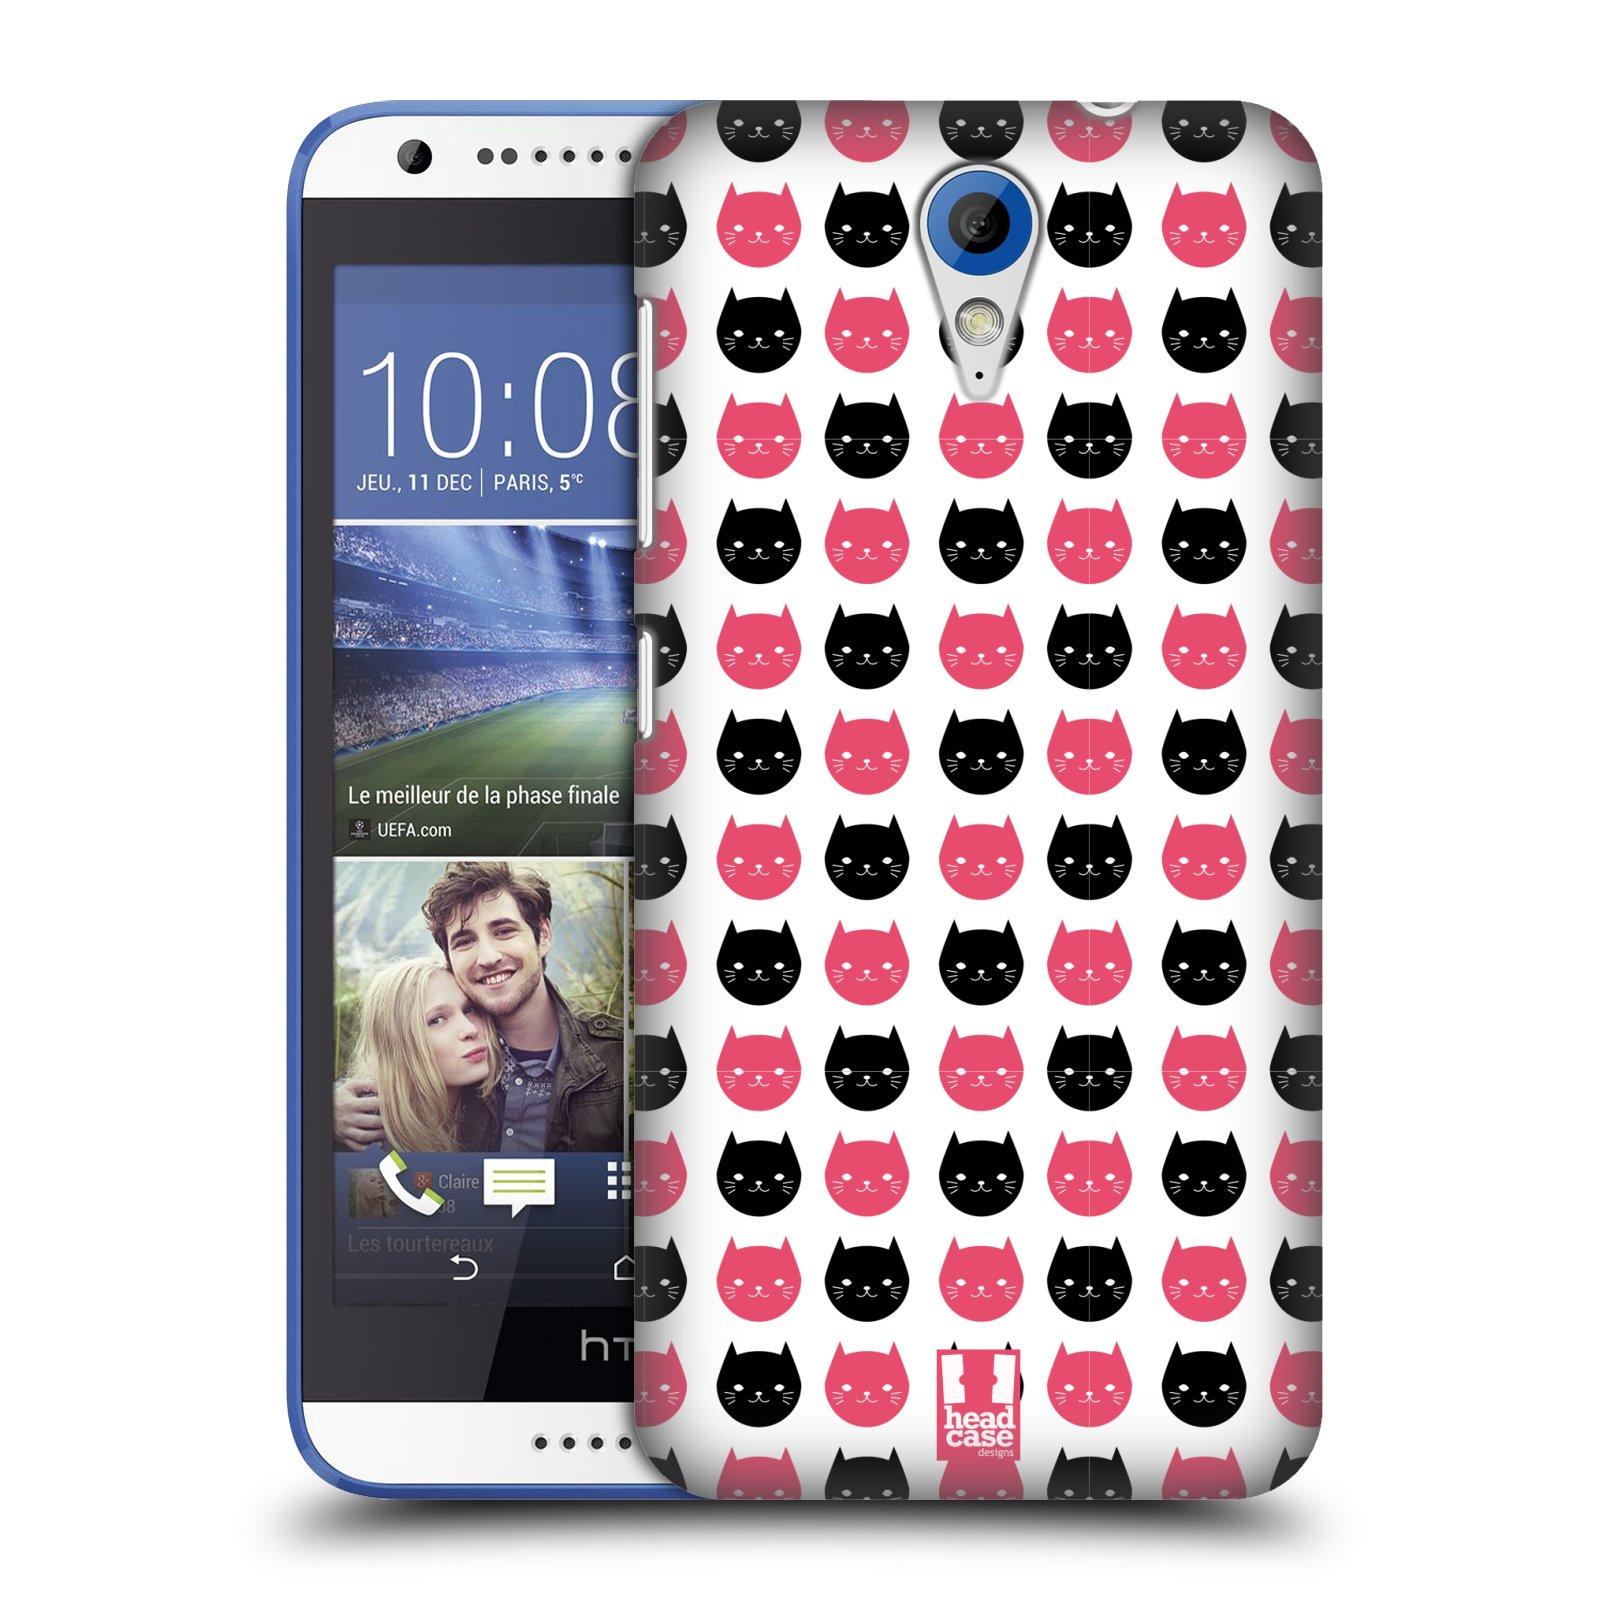 Plastové pouzdro na mobil HTC Desire 620 HEAD CASE KOČKY Black and Pink (Kryt či obal na mobilní telefon HTC Desire 620)